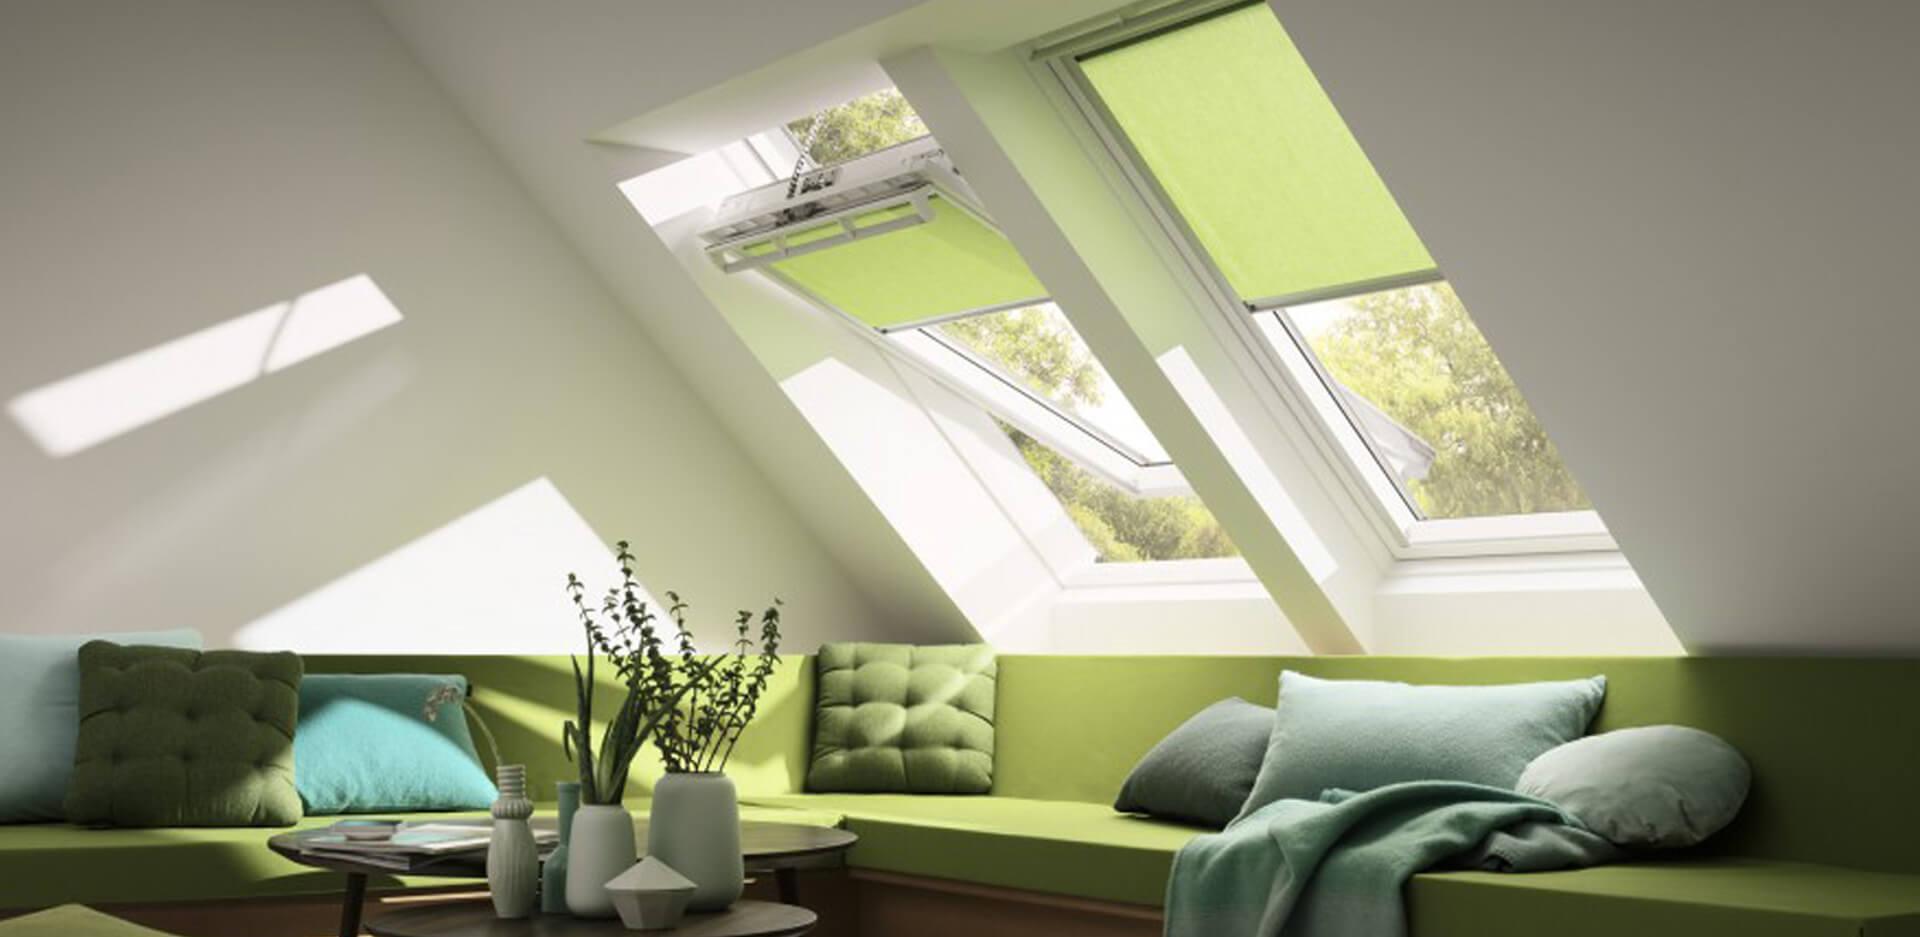 Salones con ventanas Velux, estores de multiples colores para crear el ambiente ideal.